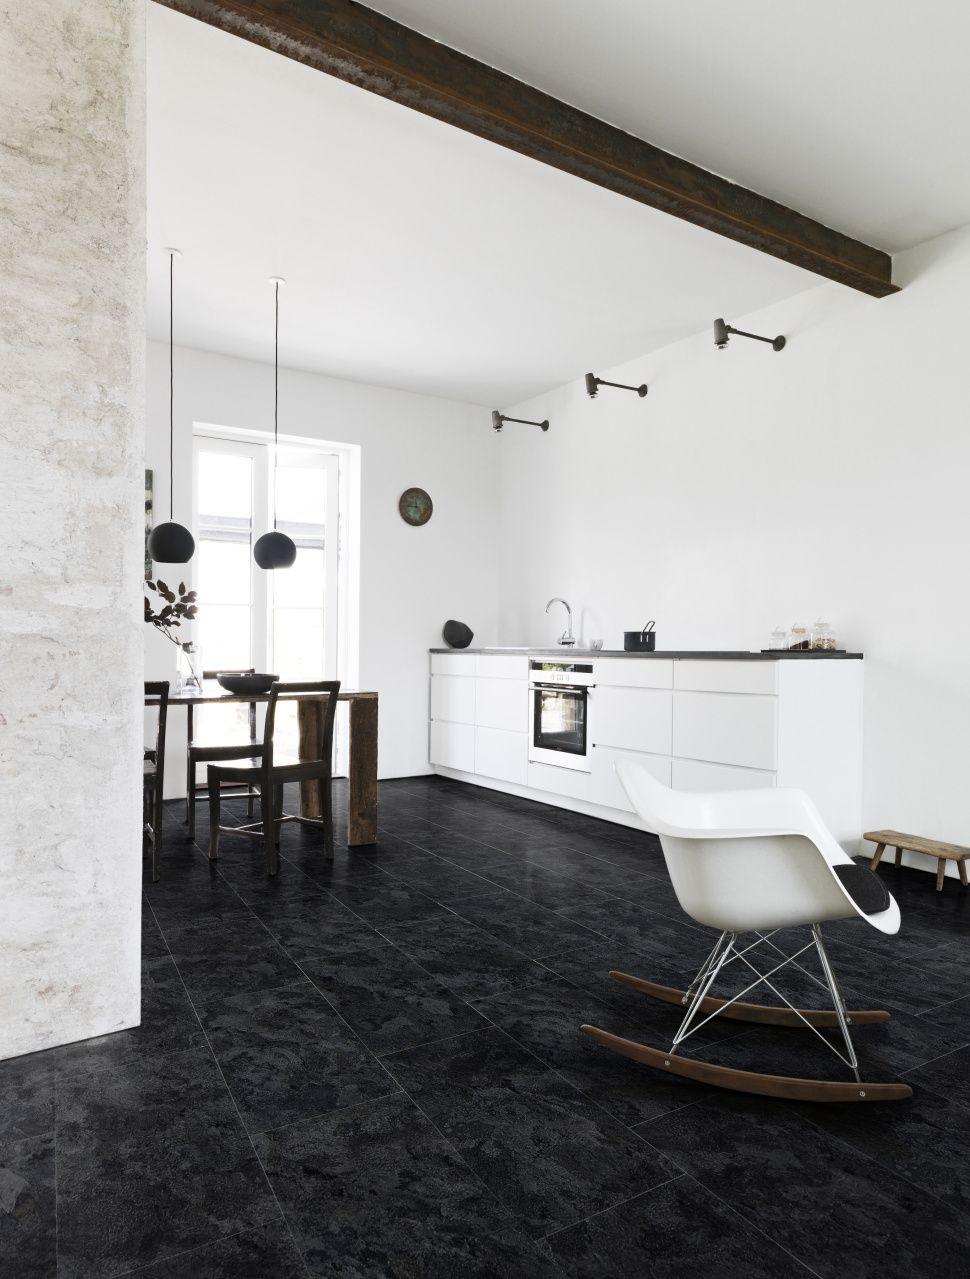 pvc vloer tegels donker grijs zwart geschikt voor alle ruimten